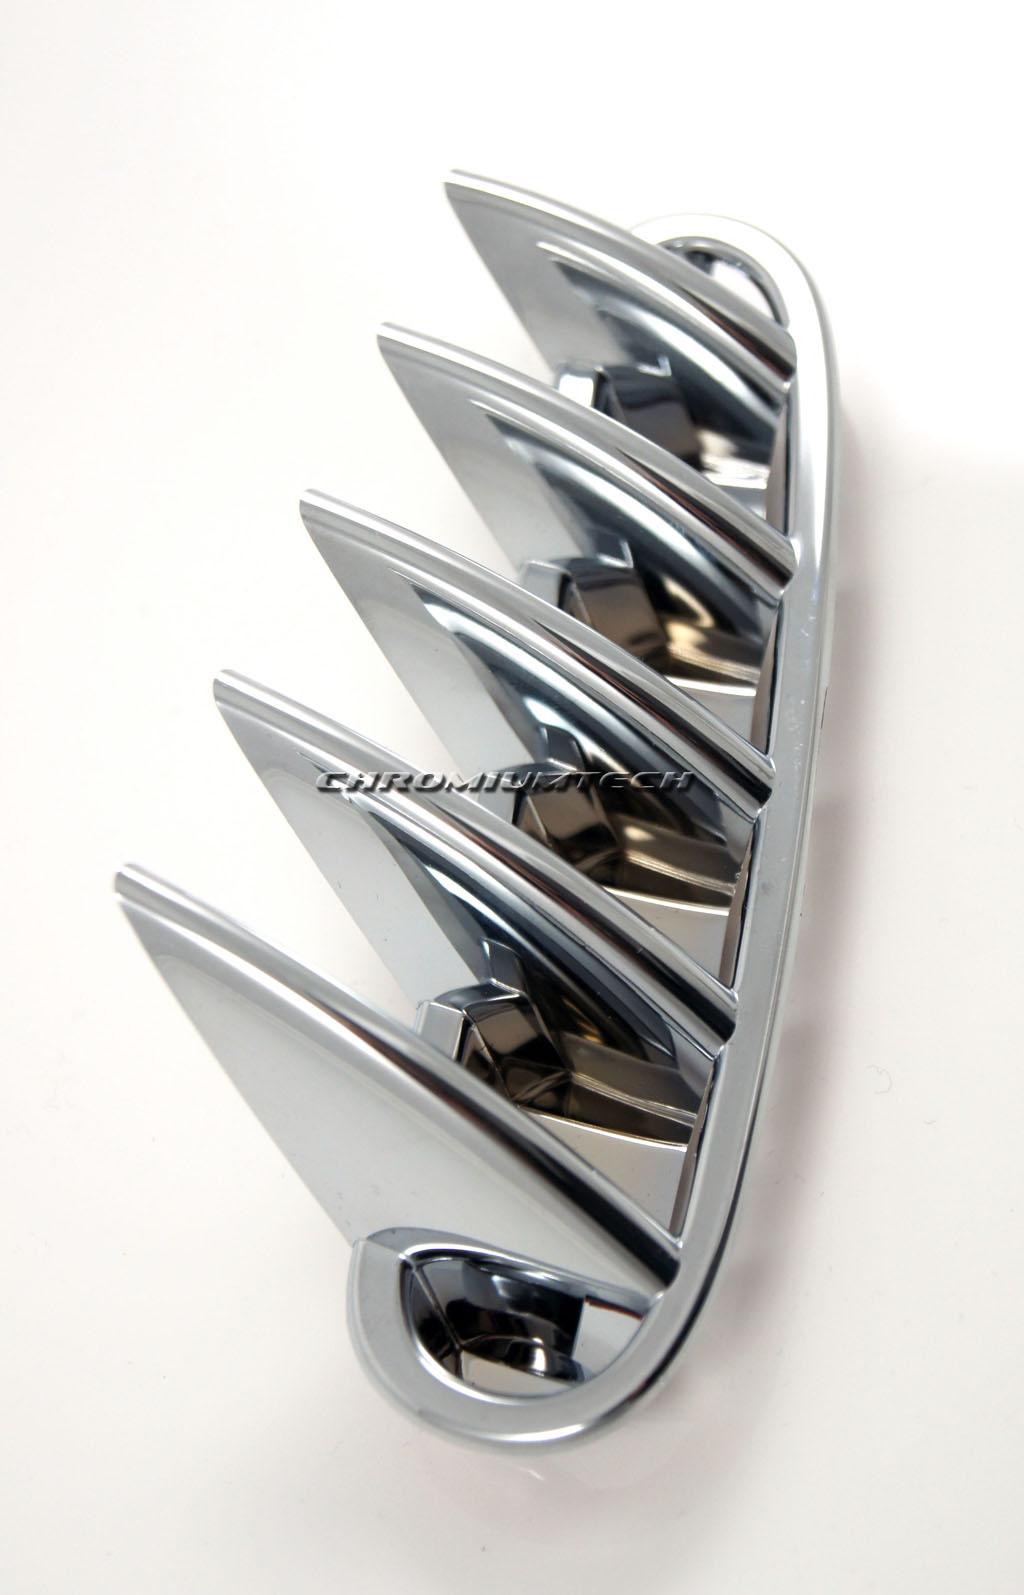 2010-16 MINI R60 R61 Countryman Cooper S//SD CHROME Rear Air Louver Vent Surround